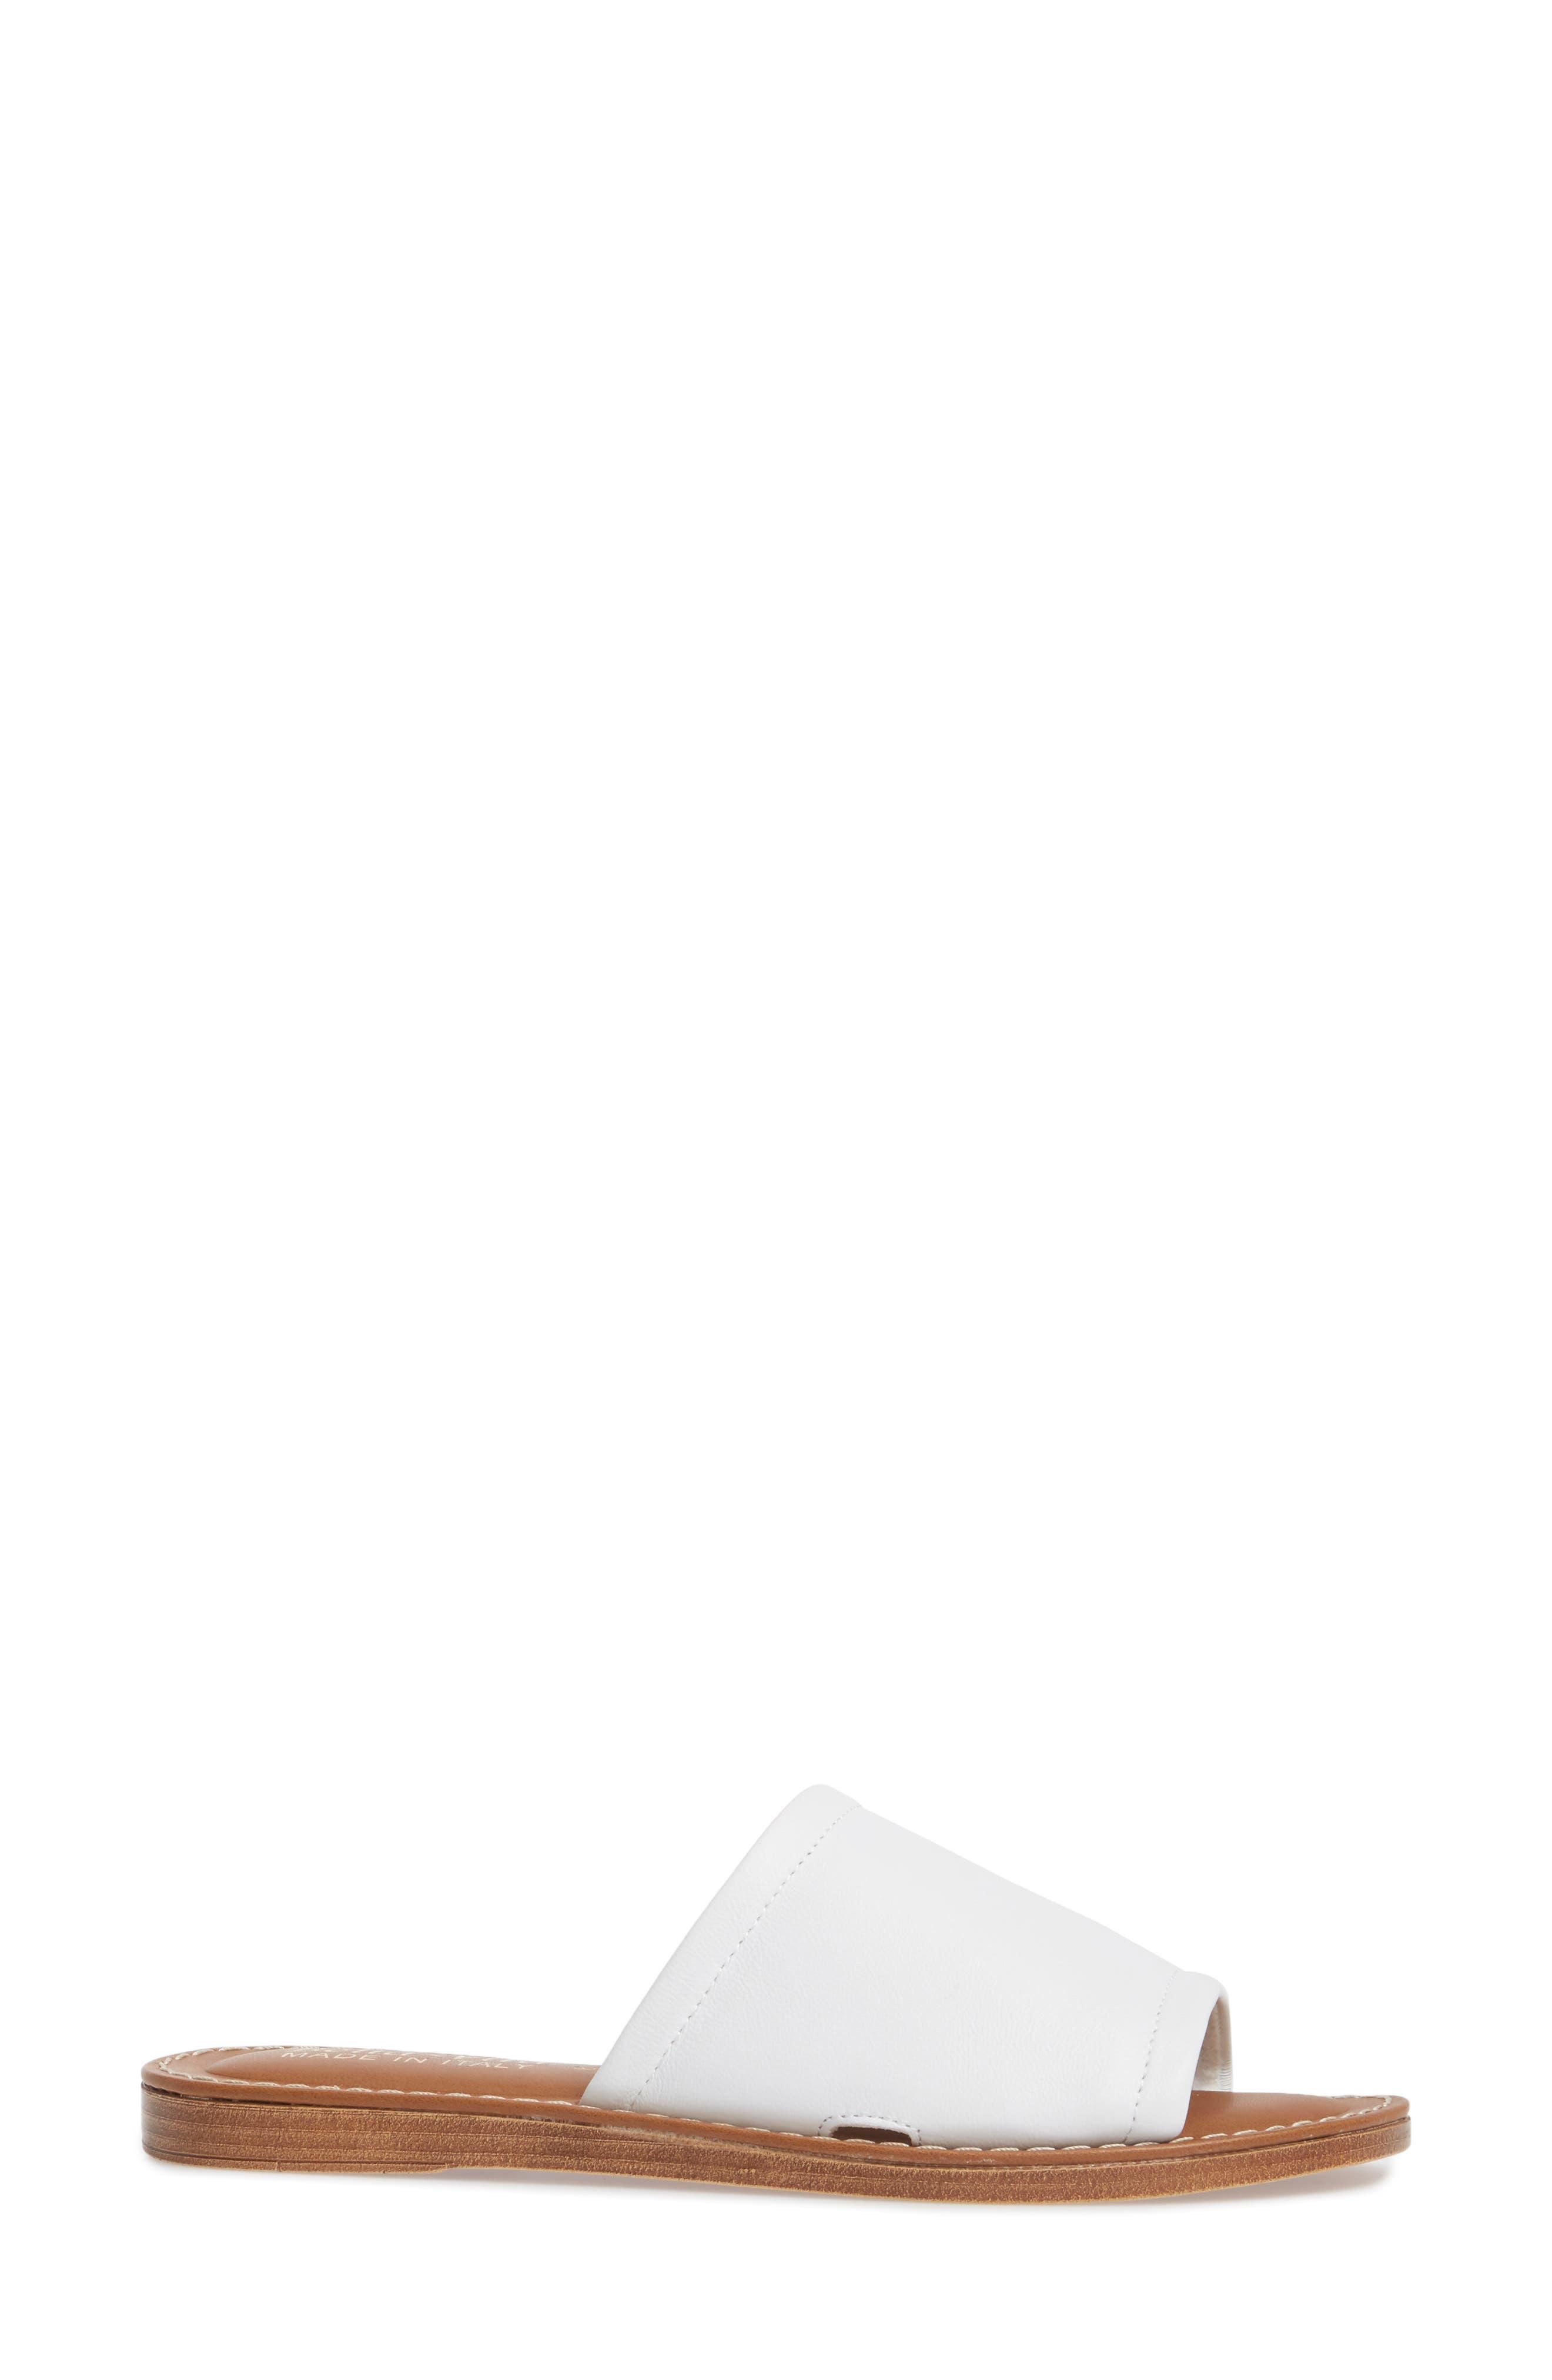 Ros Slide Sandal,                             Alternate thumbnail 3, color,                             White Leather